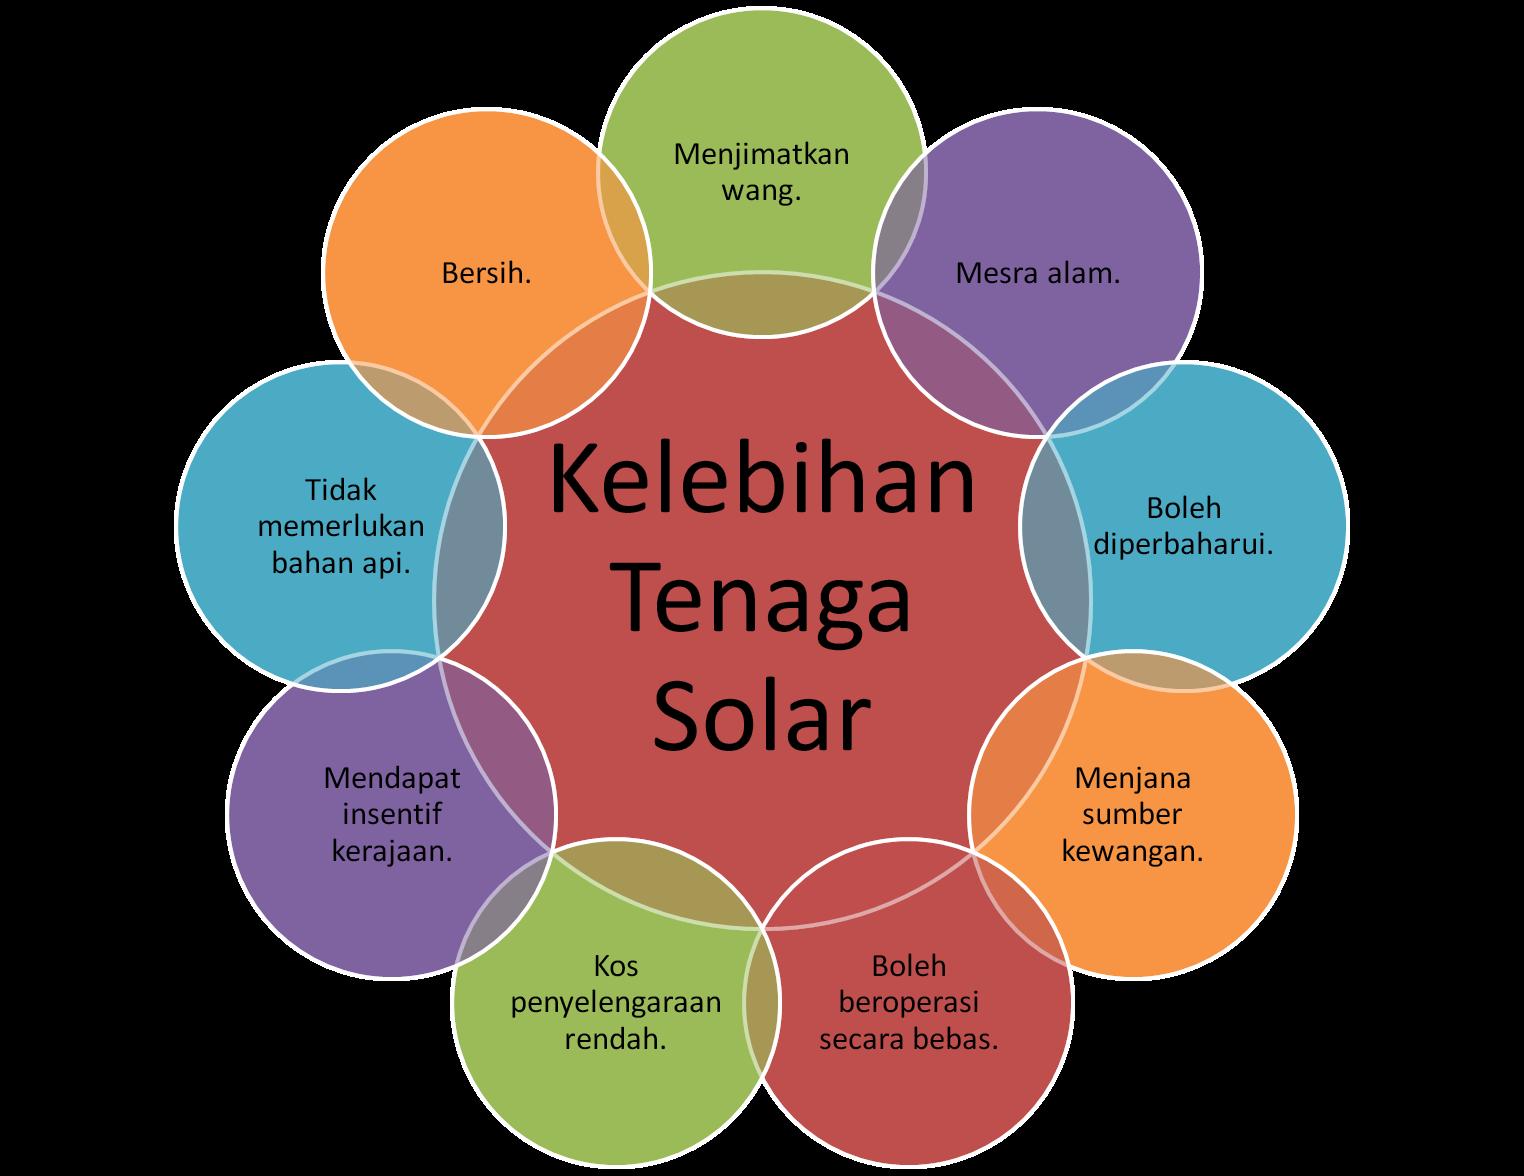 Kelebihan Tenaga Solar